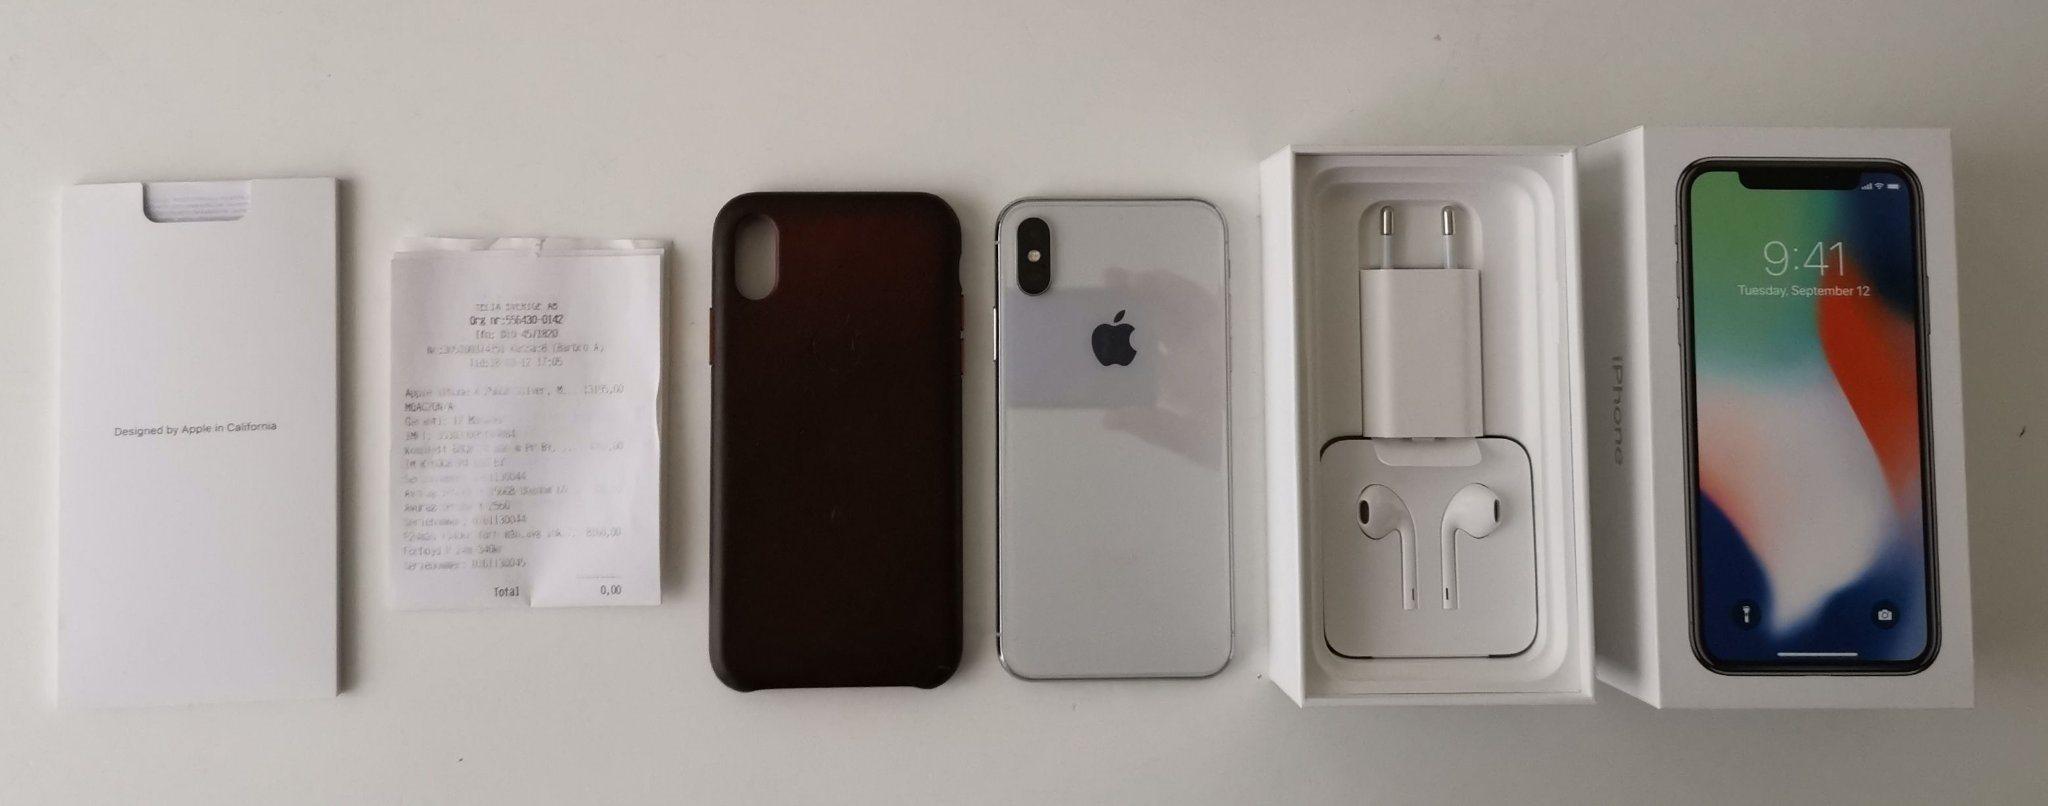 Apple IPhone X 256 GB VIT SILVER KVITTO OLÅST N.. (338110810) ᐈ Köp ... 87088c21f0e23